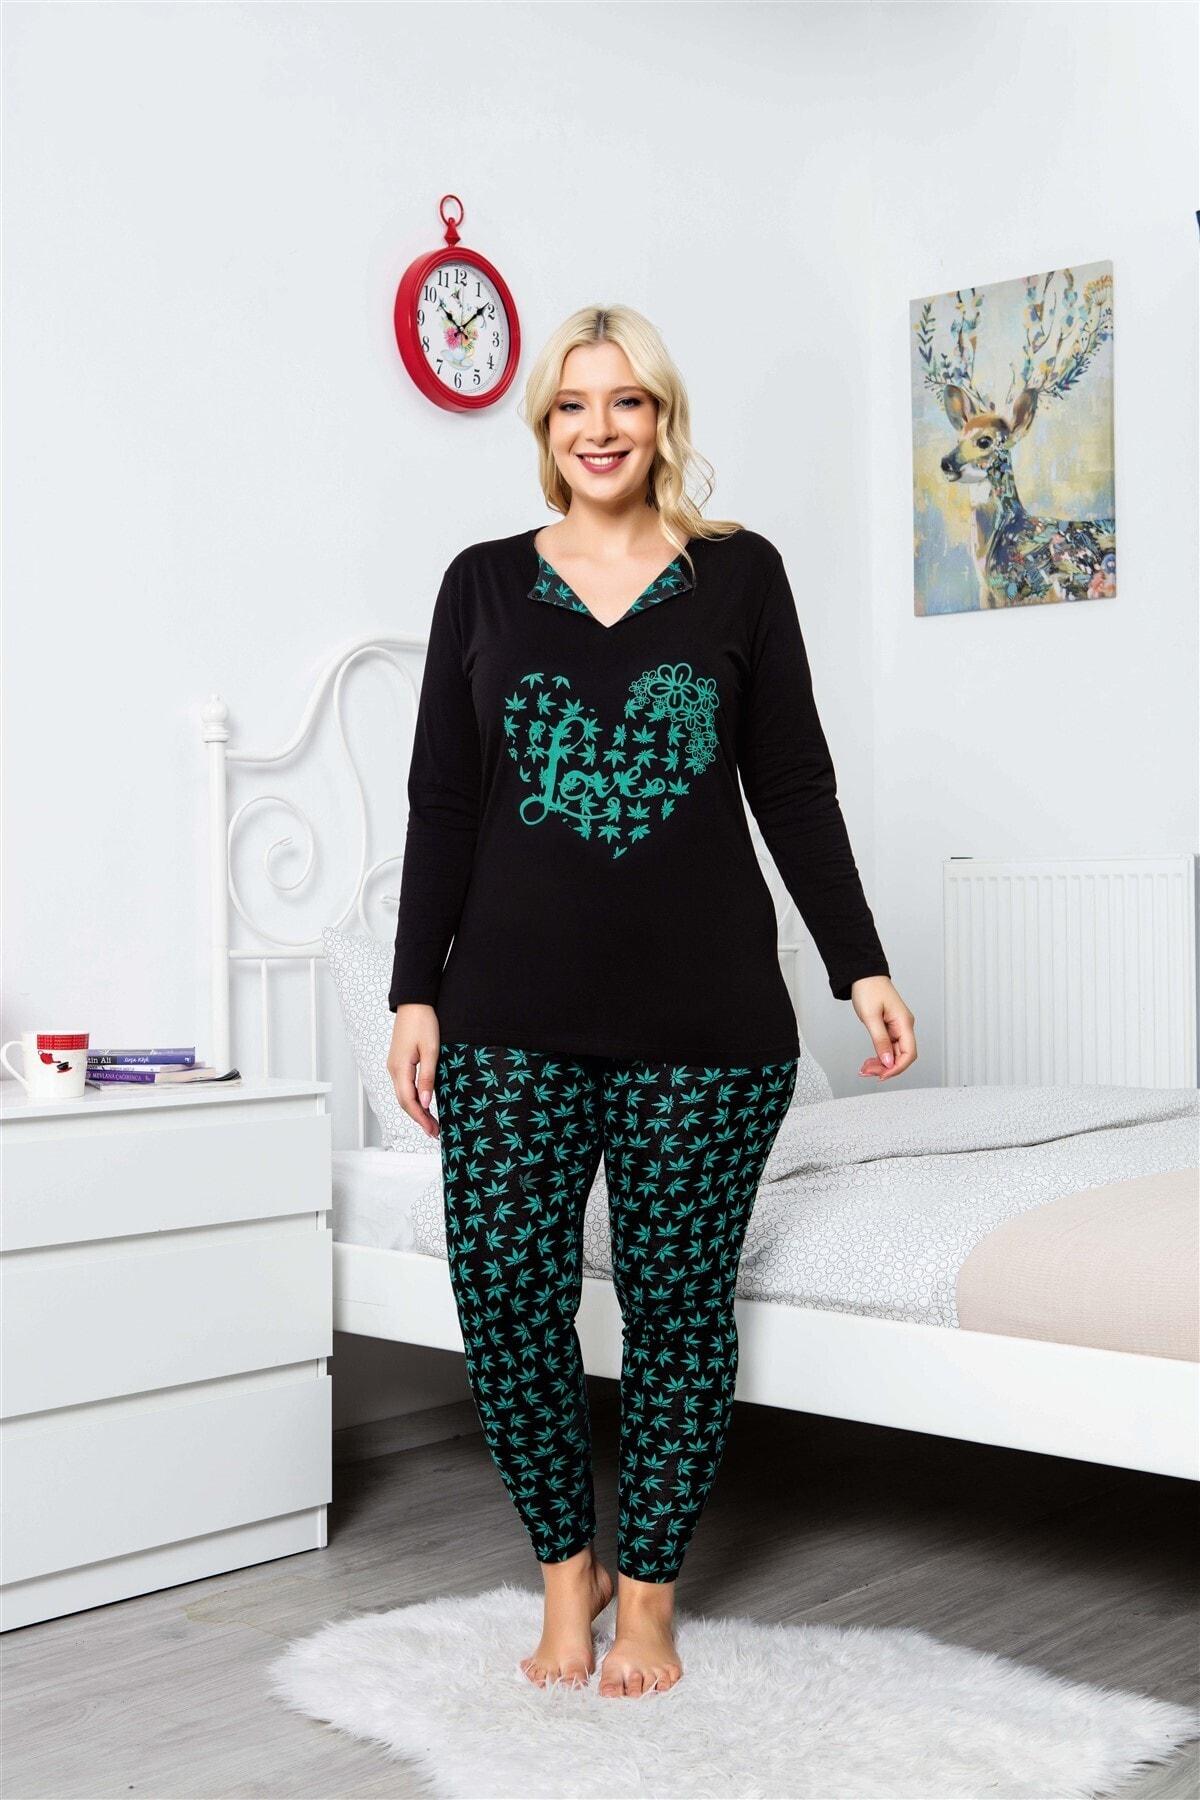 MyBen Büyük Beden Pijama Takımı V-yaka Çiçek Desenli Uzun Kollu Battal Beden Taytlı Pijama Takımı 16114 1